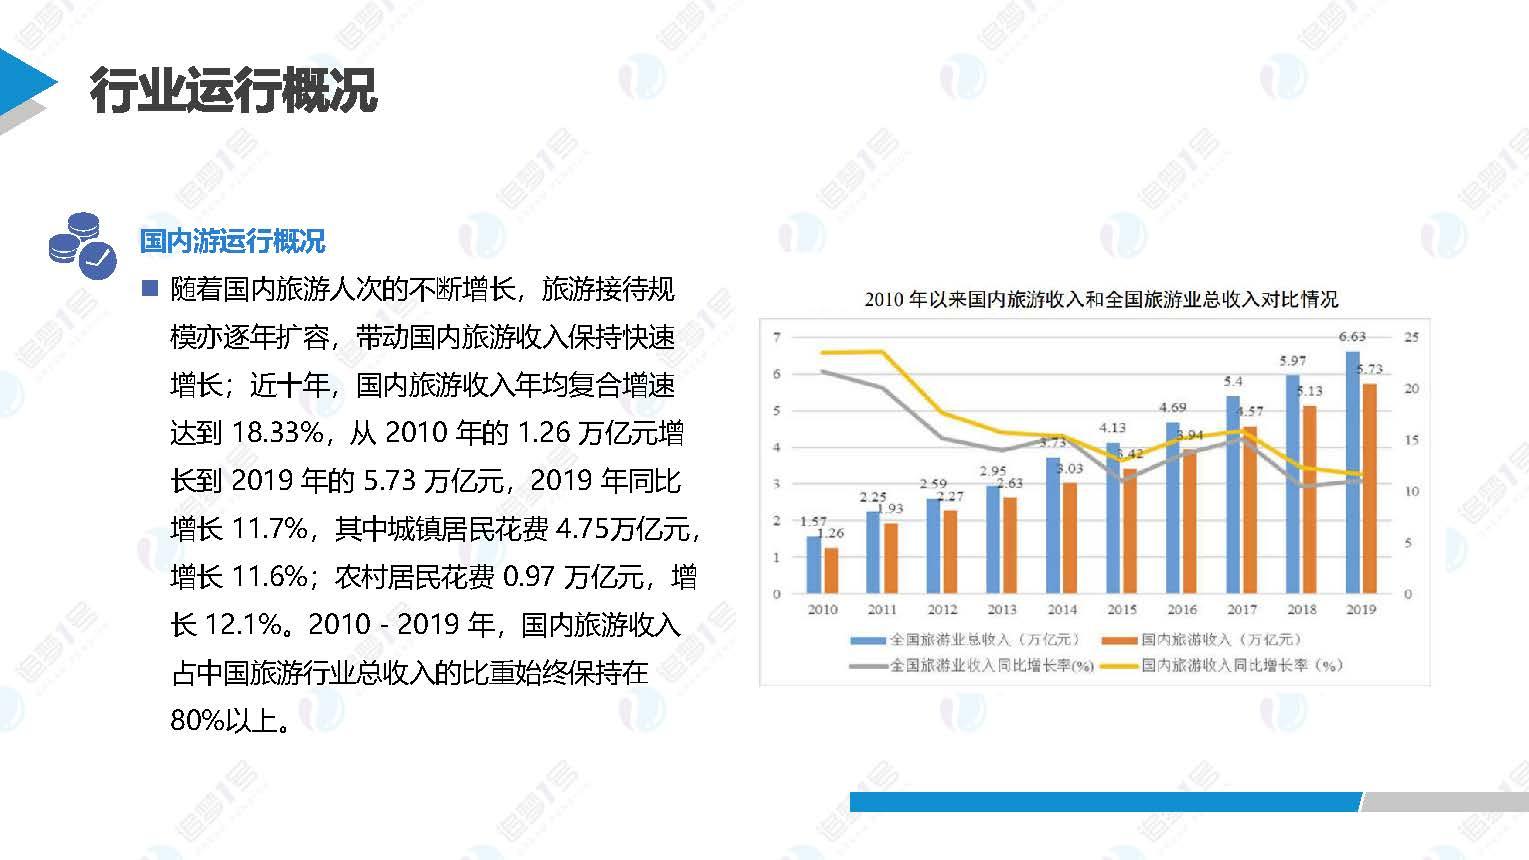 中国旅游行业研究 _页面_15.jpg